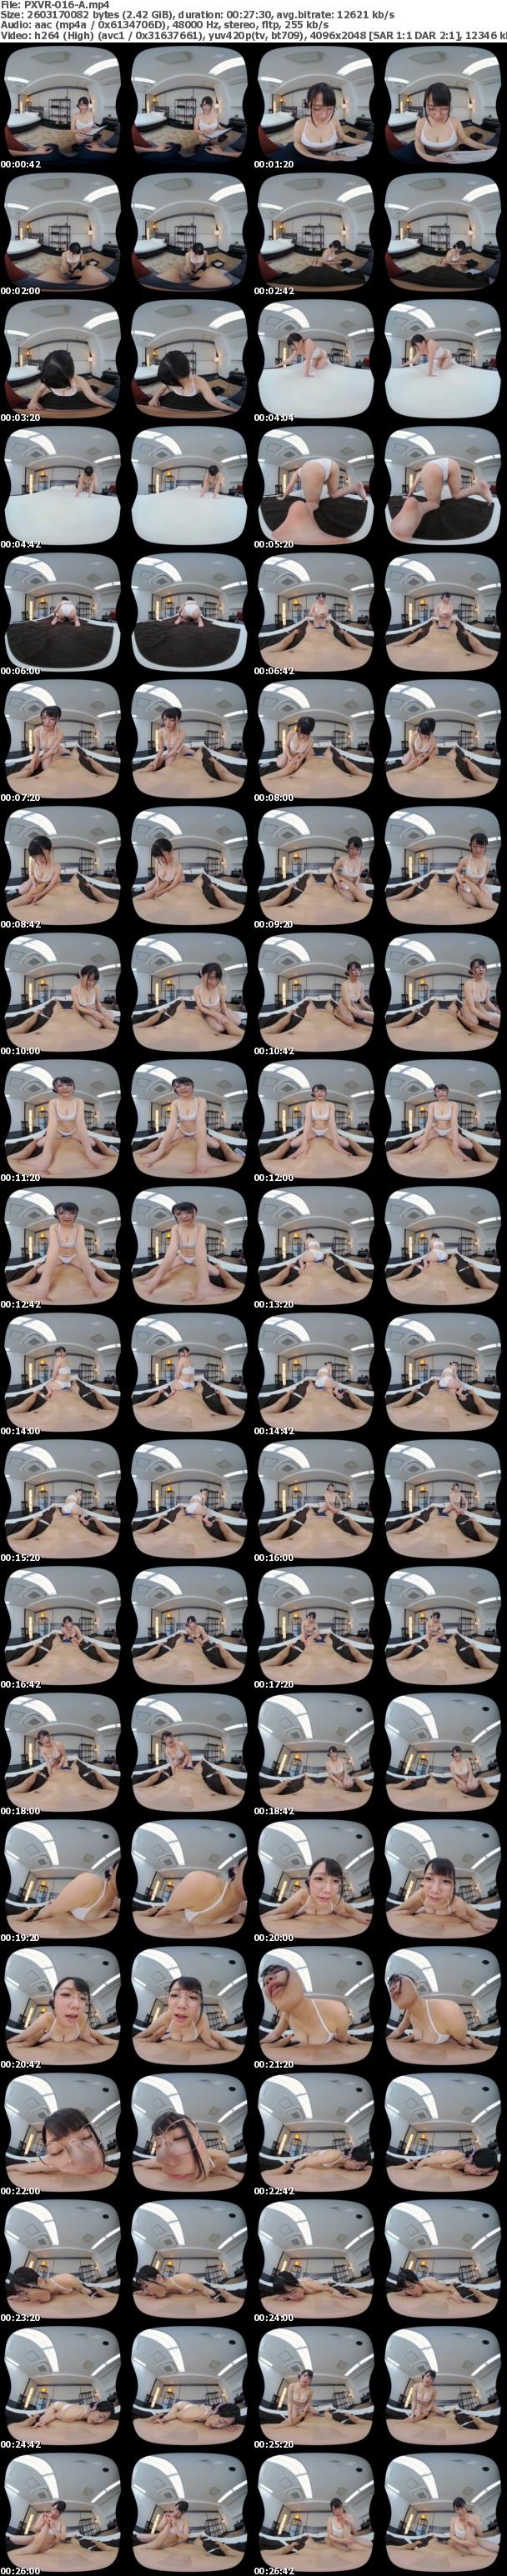 (VR) PXVR-016 えちえち!!私のやわらかい おっぱいをしっかり見て!いっぱいヌイて! 超高級マッサージ店勤務 佐知子の爆乳Iカップ中出しフルコーススペシャル 佐知子